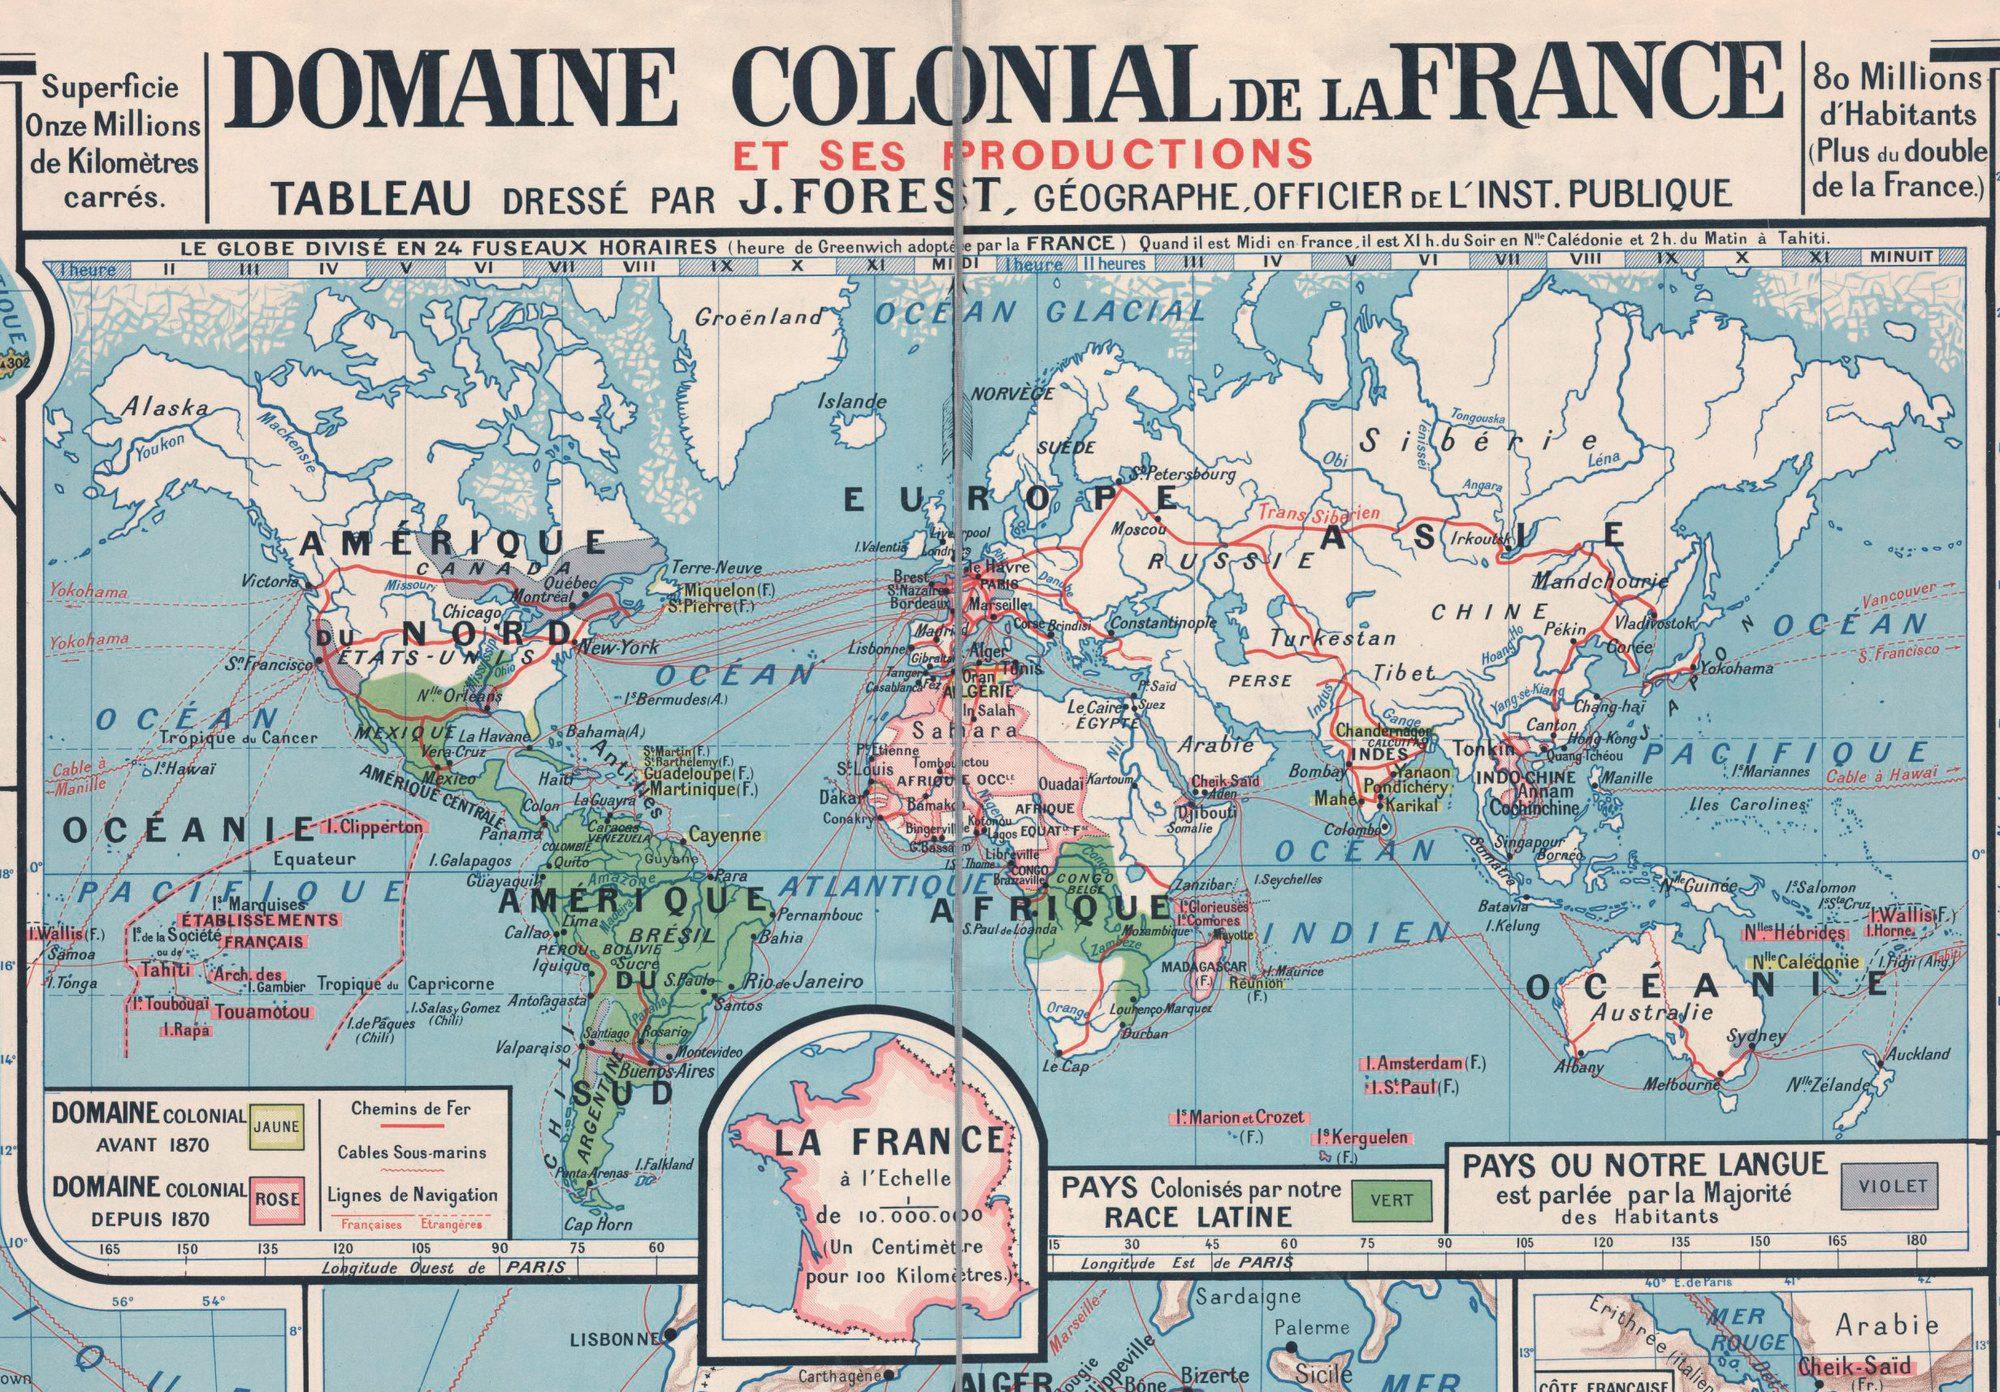 La décolonisation | LE site de l'Histoire | Historyweb -2 la décolonisation La décolonisation : débats et controverses empire colonial france